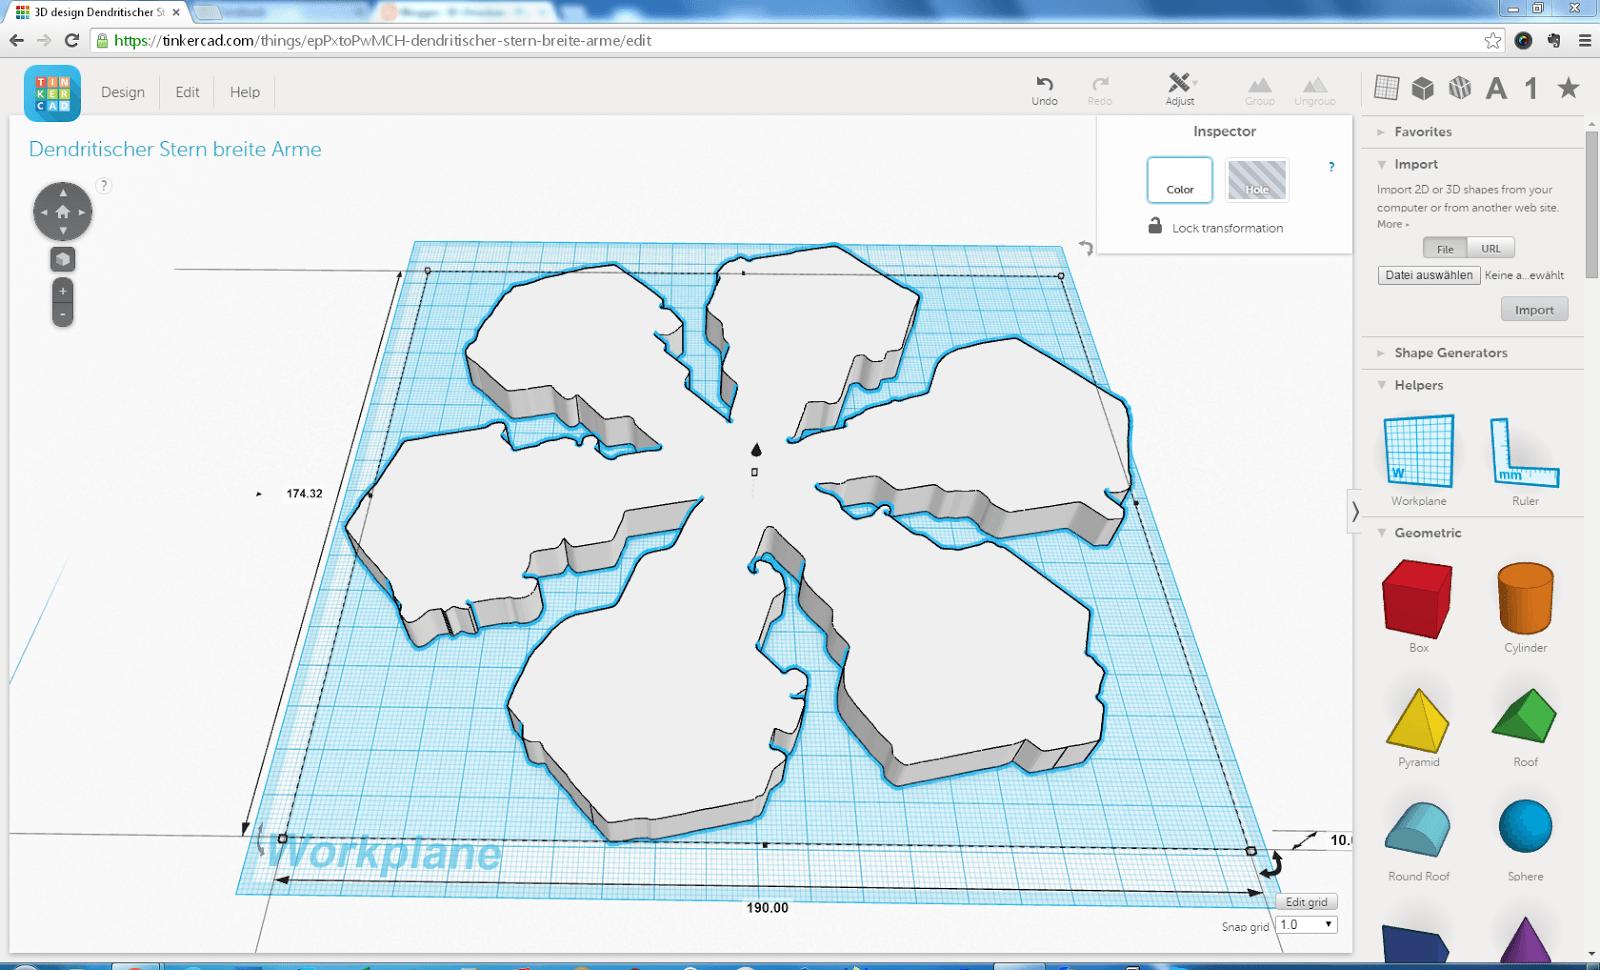 In Tinkercad importierte SVG Form des Dendritischen Sterns mit Verbreiterungen der Astenden